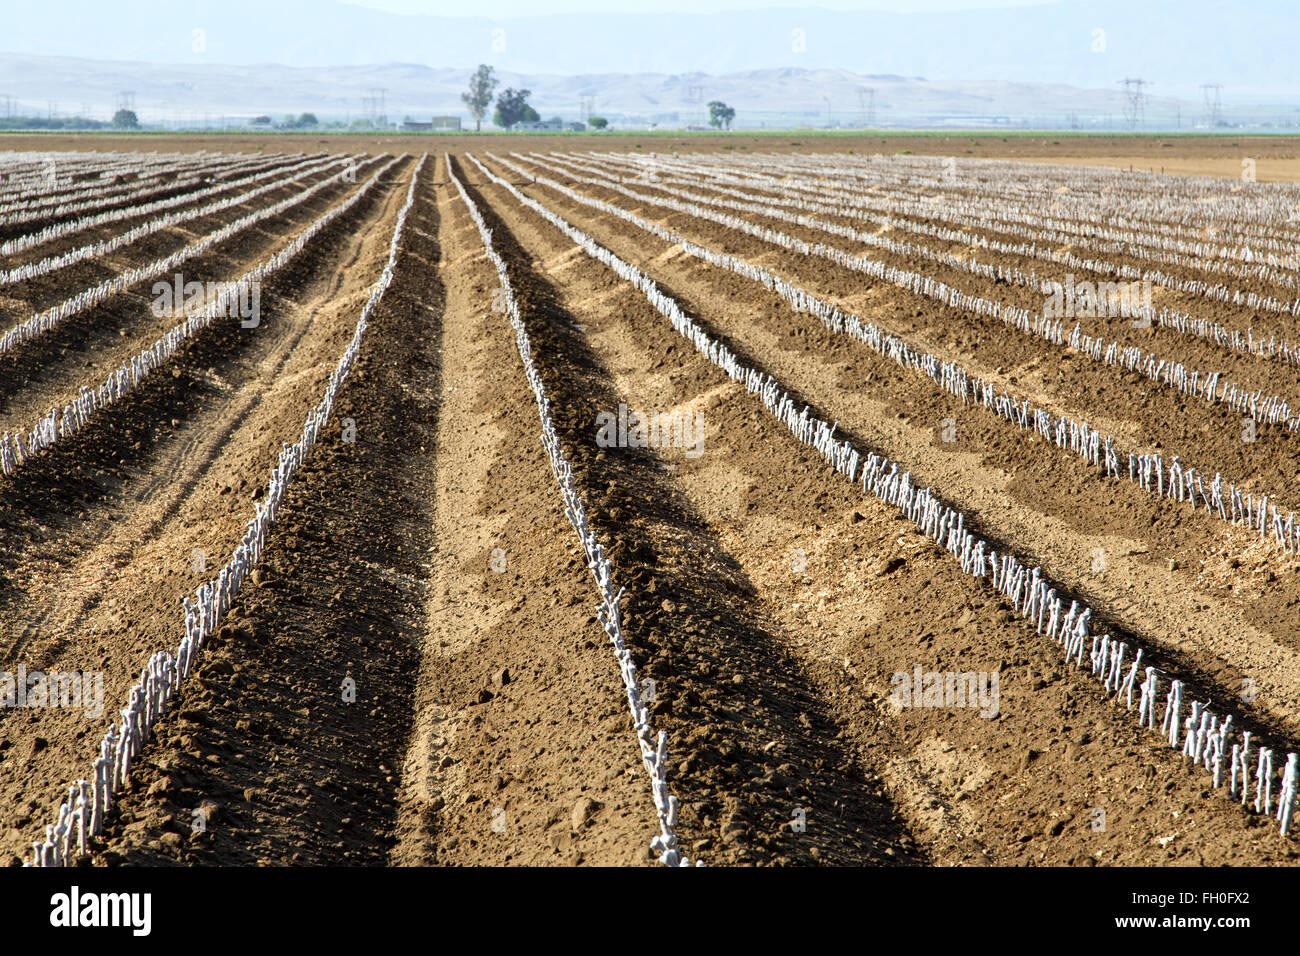 Talee di legno duro di stock di uva, campo di piantare, Kern County. Immagini Stock